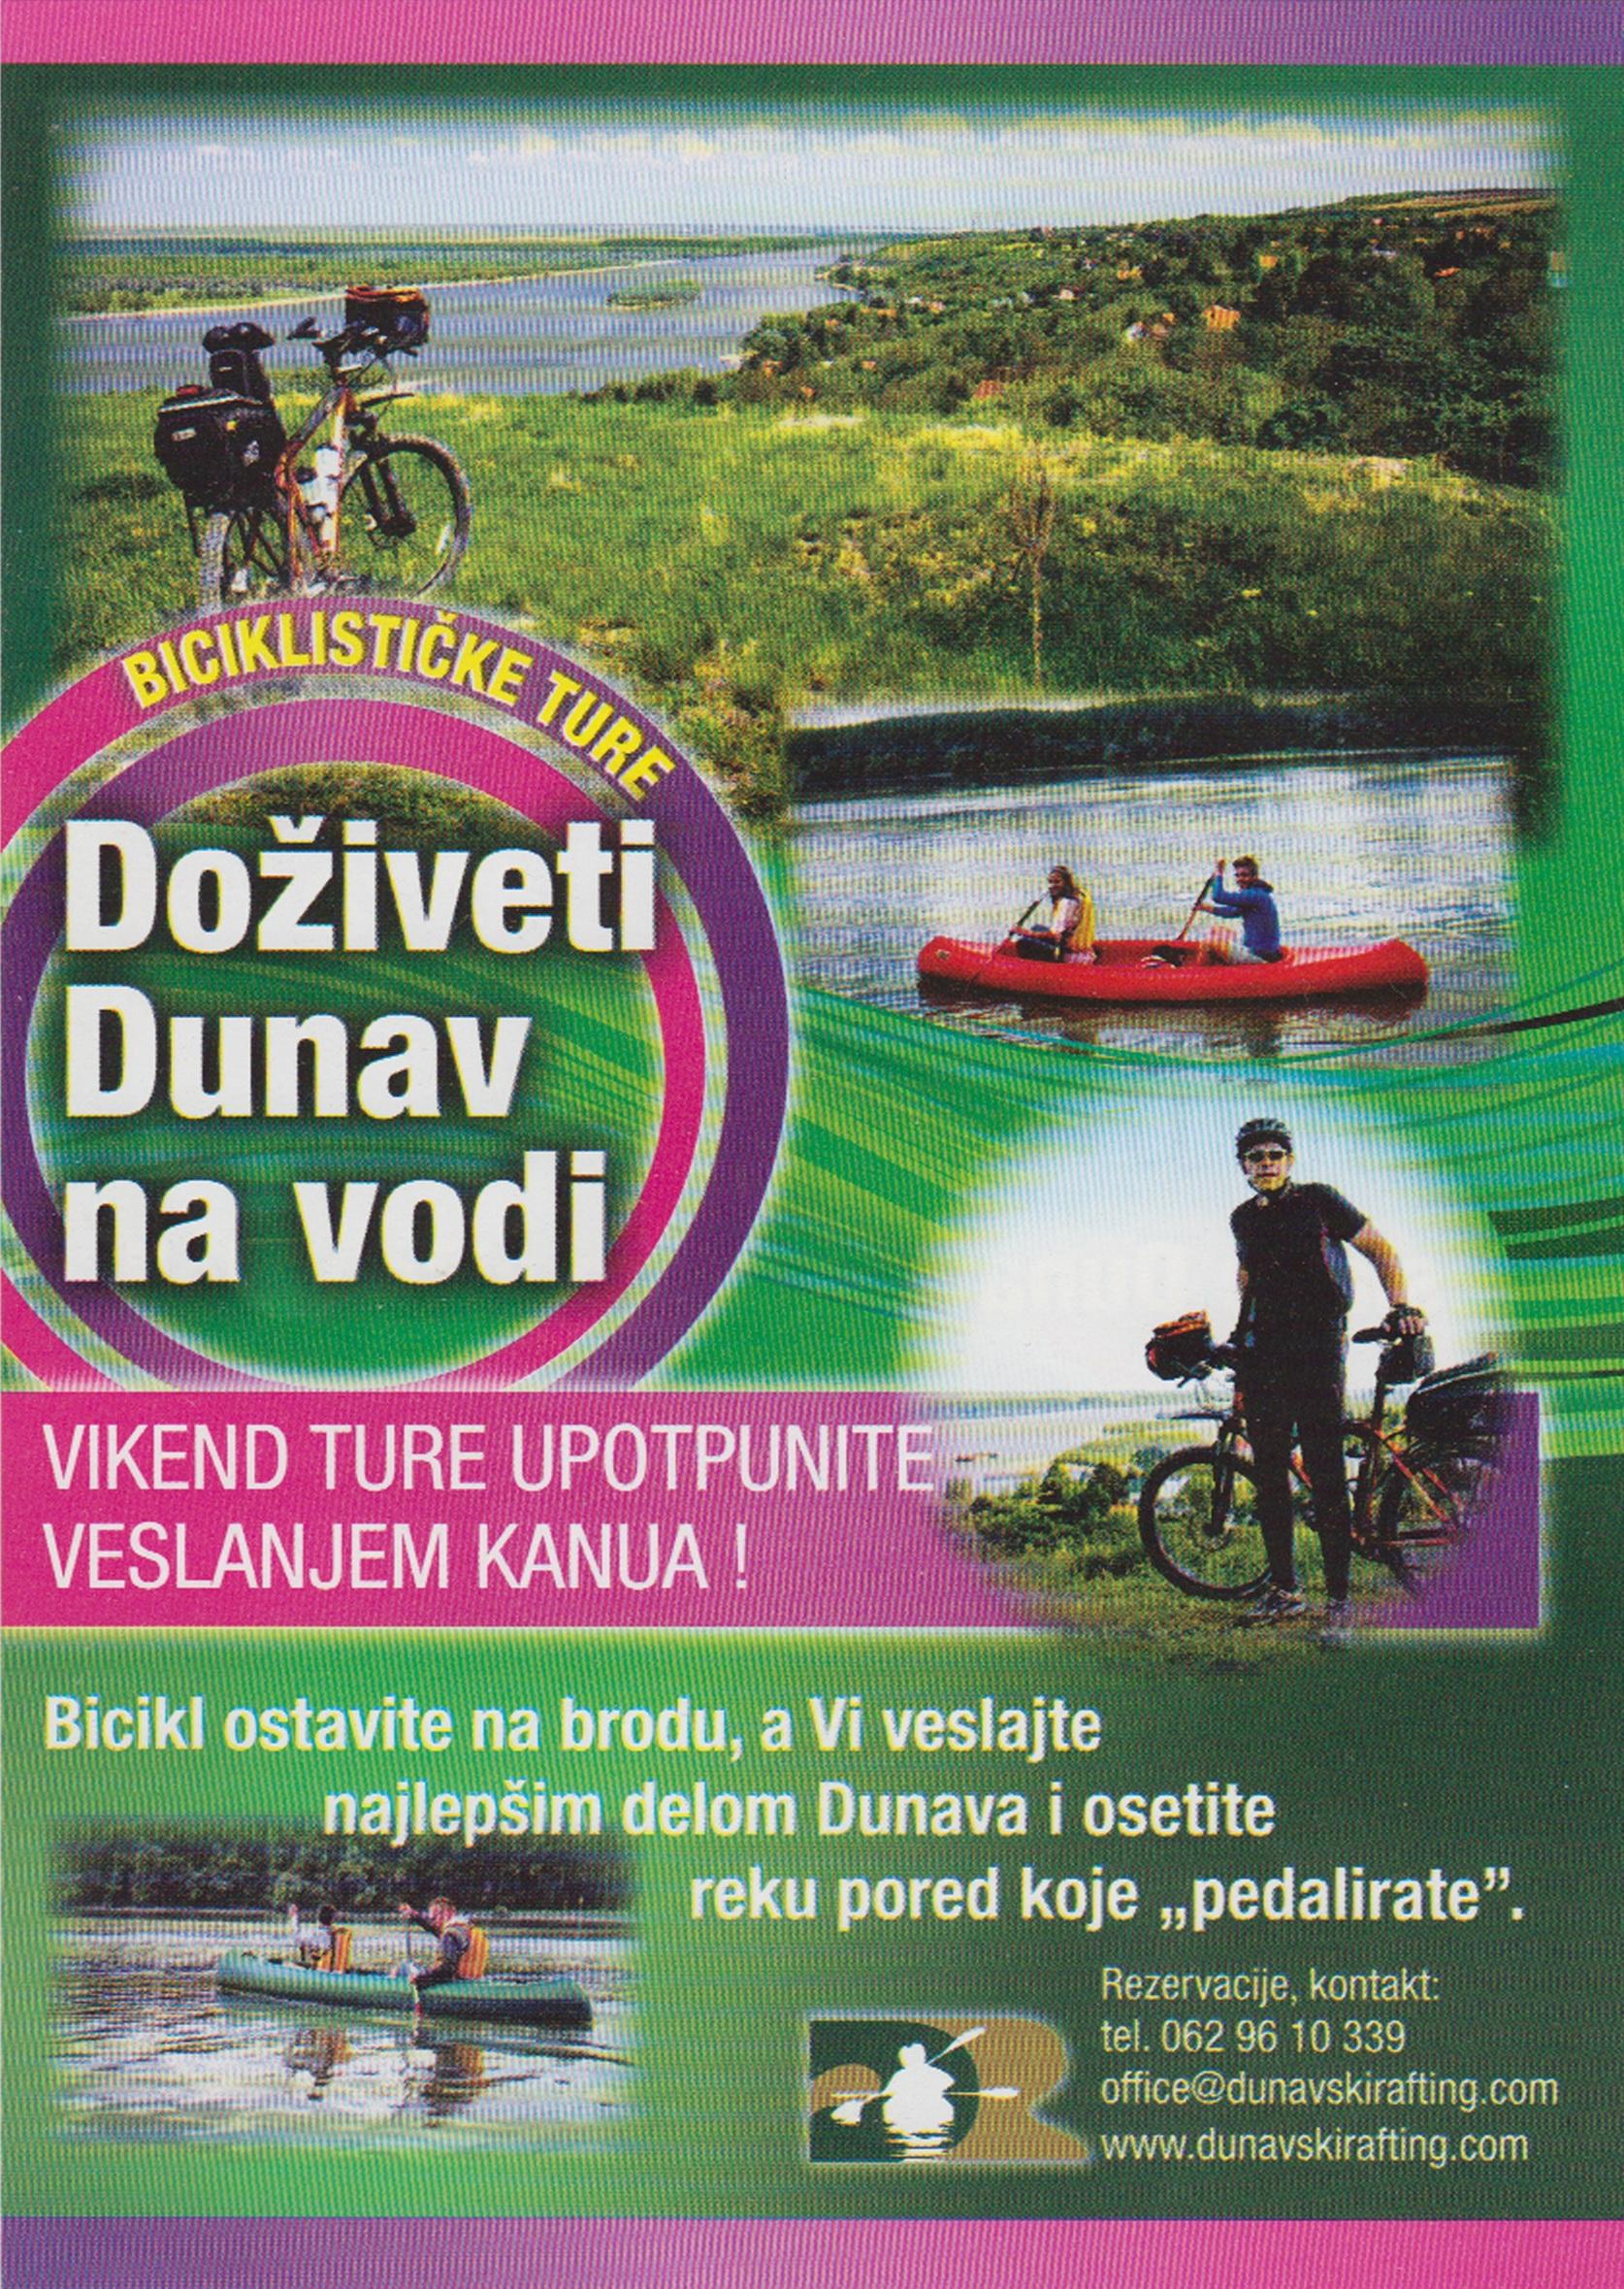 Bicikli i kajak